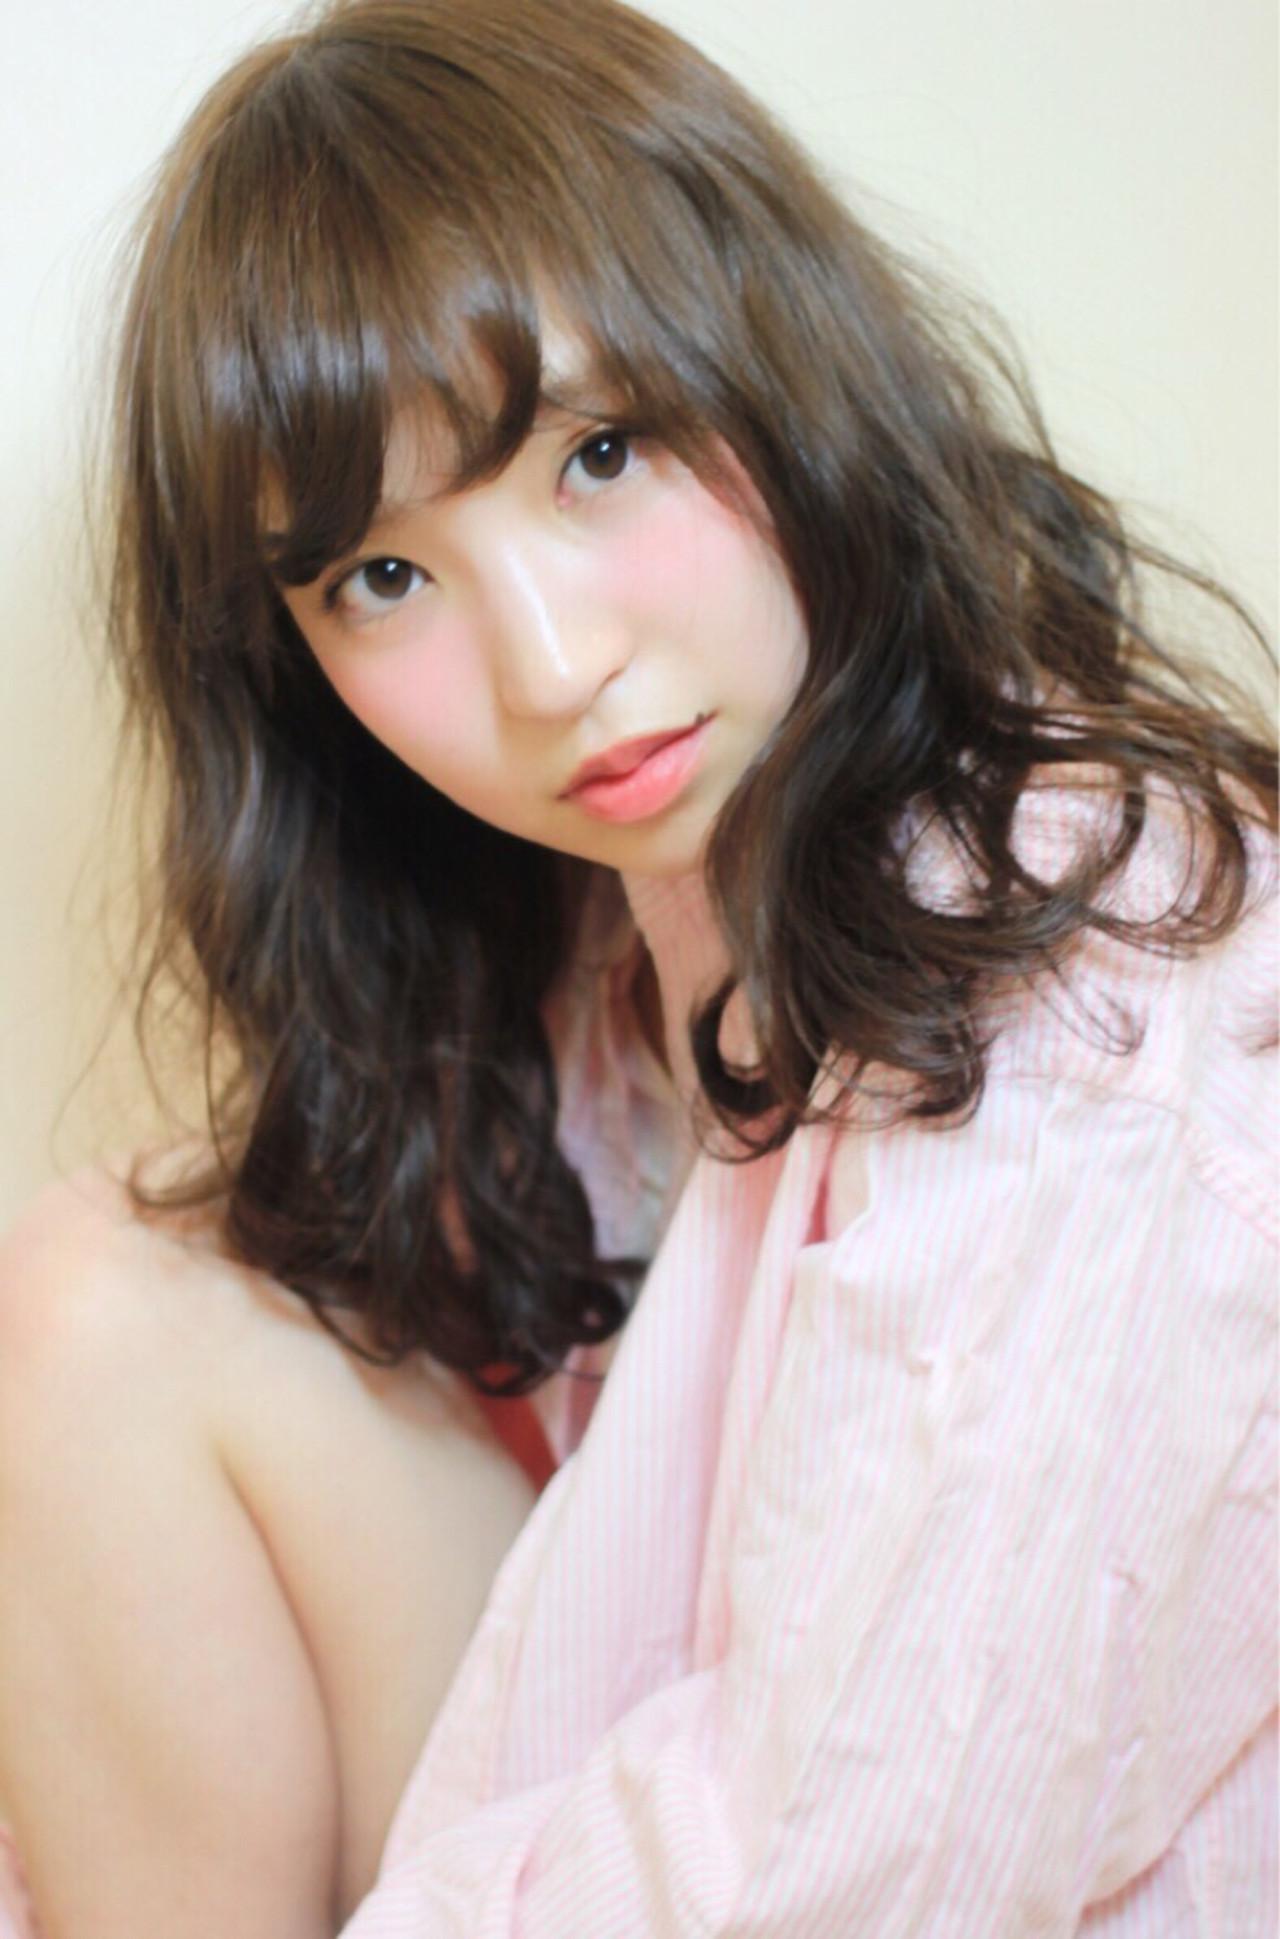 セミロング ゆるふわ パーマ 大人かわいい ヘアスタイルや髪型の写真・画像 | kaoru /